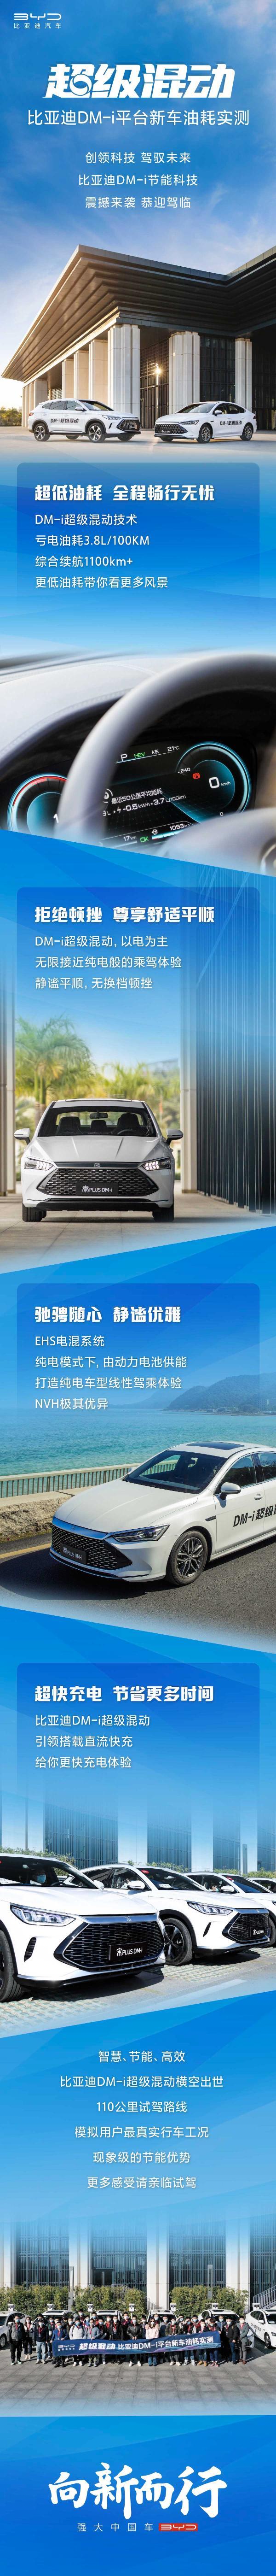 比亚迪三大王朝车型聚首 DM-i超级混动惊艳鹏程